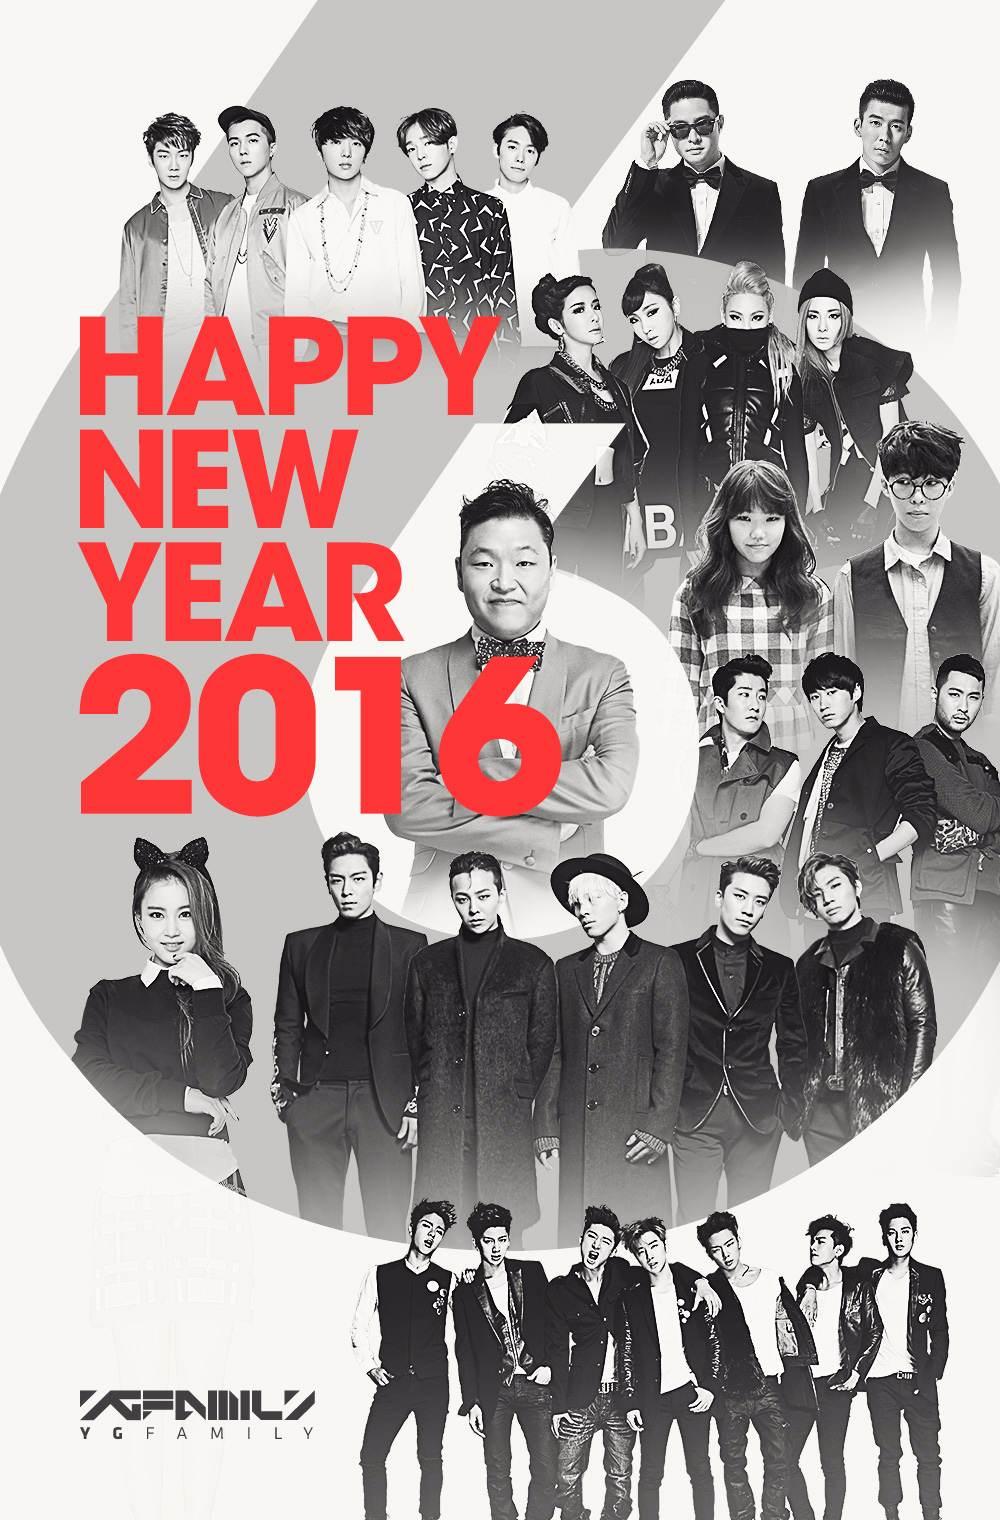 說到YG娛樂,大家會想到BIGBANG、2NE1等歌手~但近年來YG的演員陣容越來越龐大,甚至顏質更高?